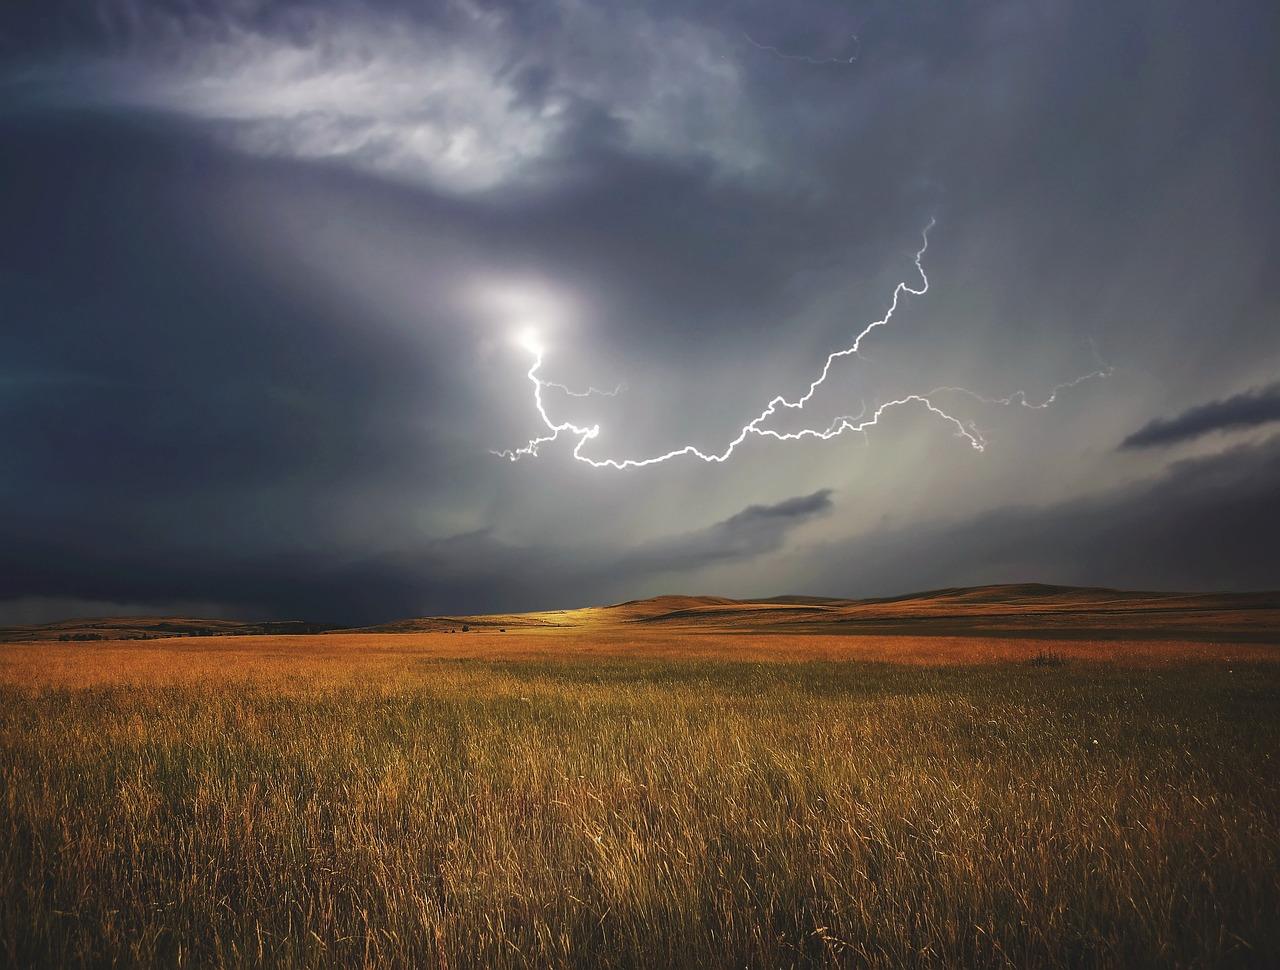 Cómo Hacer Fotos de Rayos y Tormentas: 12 Consejos Clave